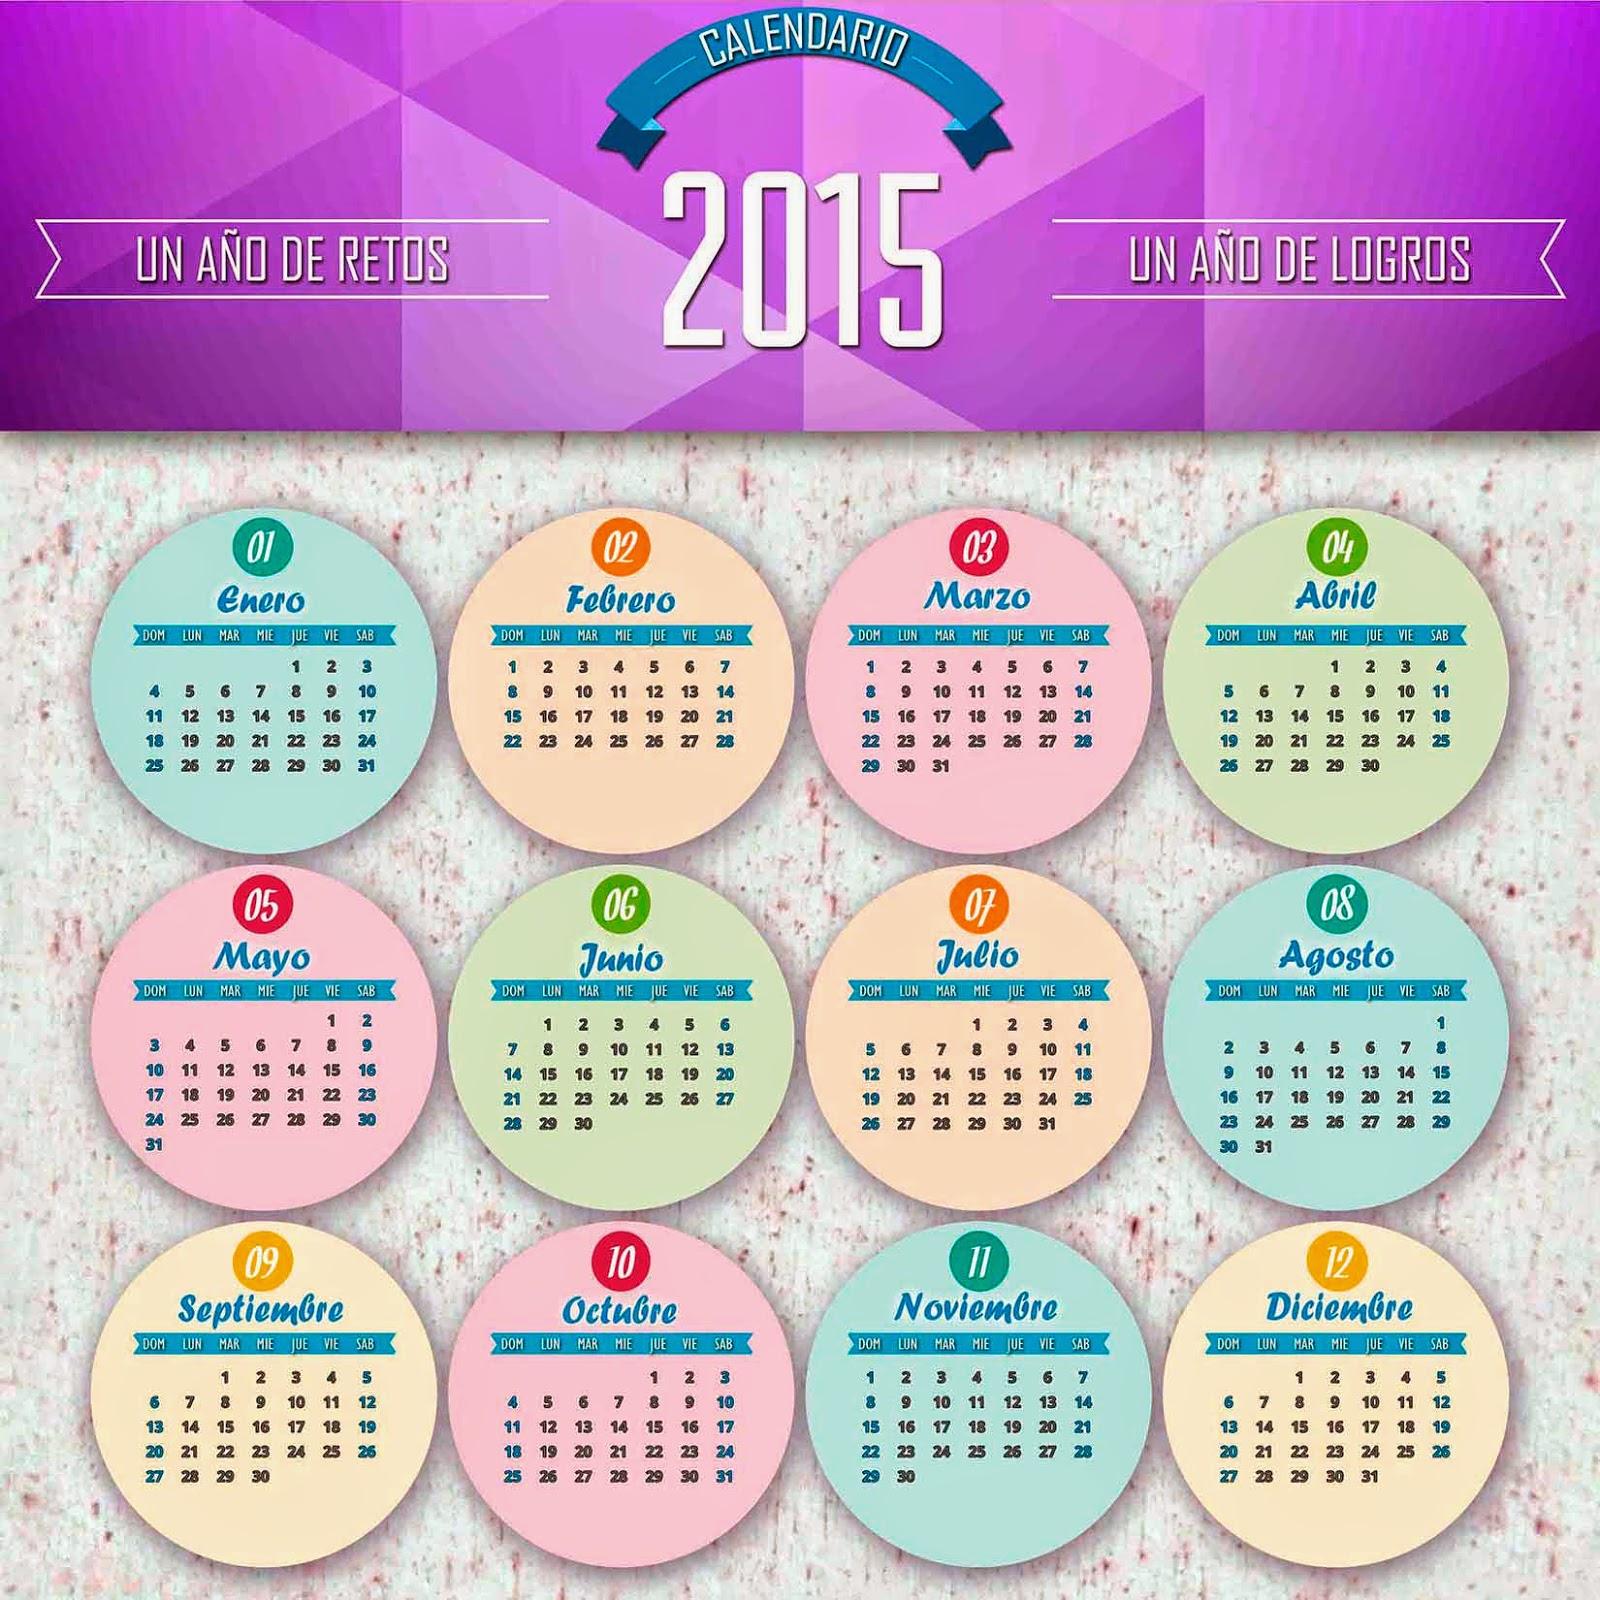 Calendario 2015 sobre lunetas de colores